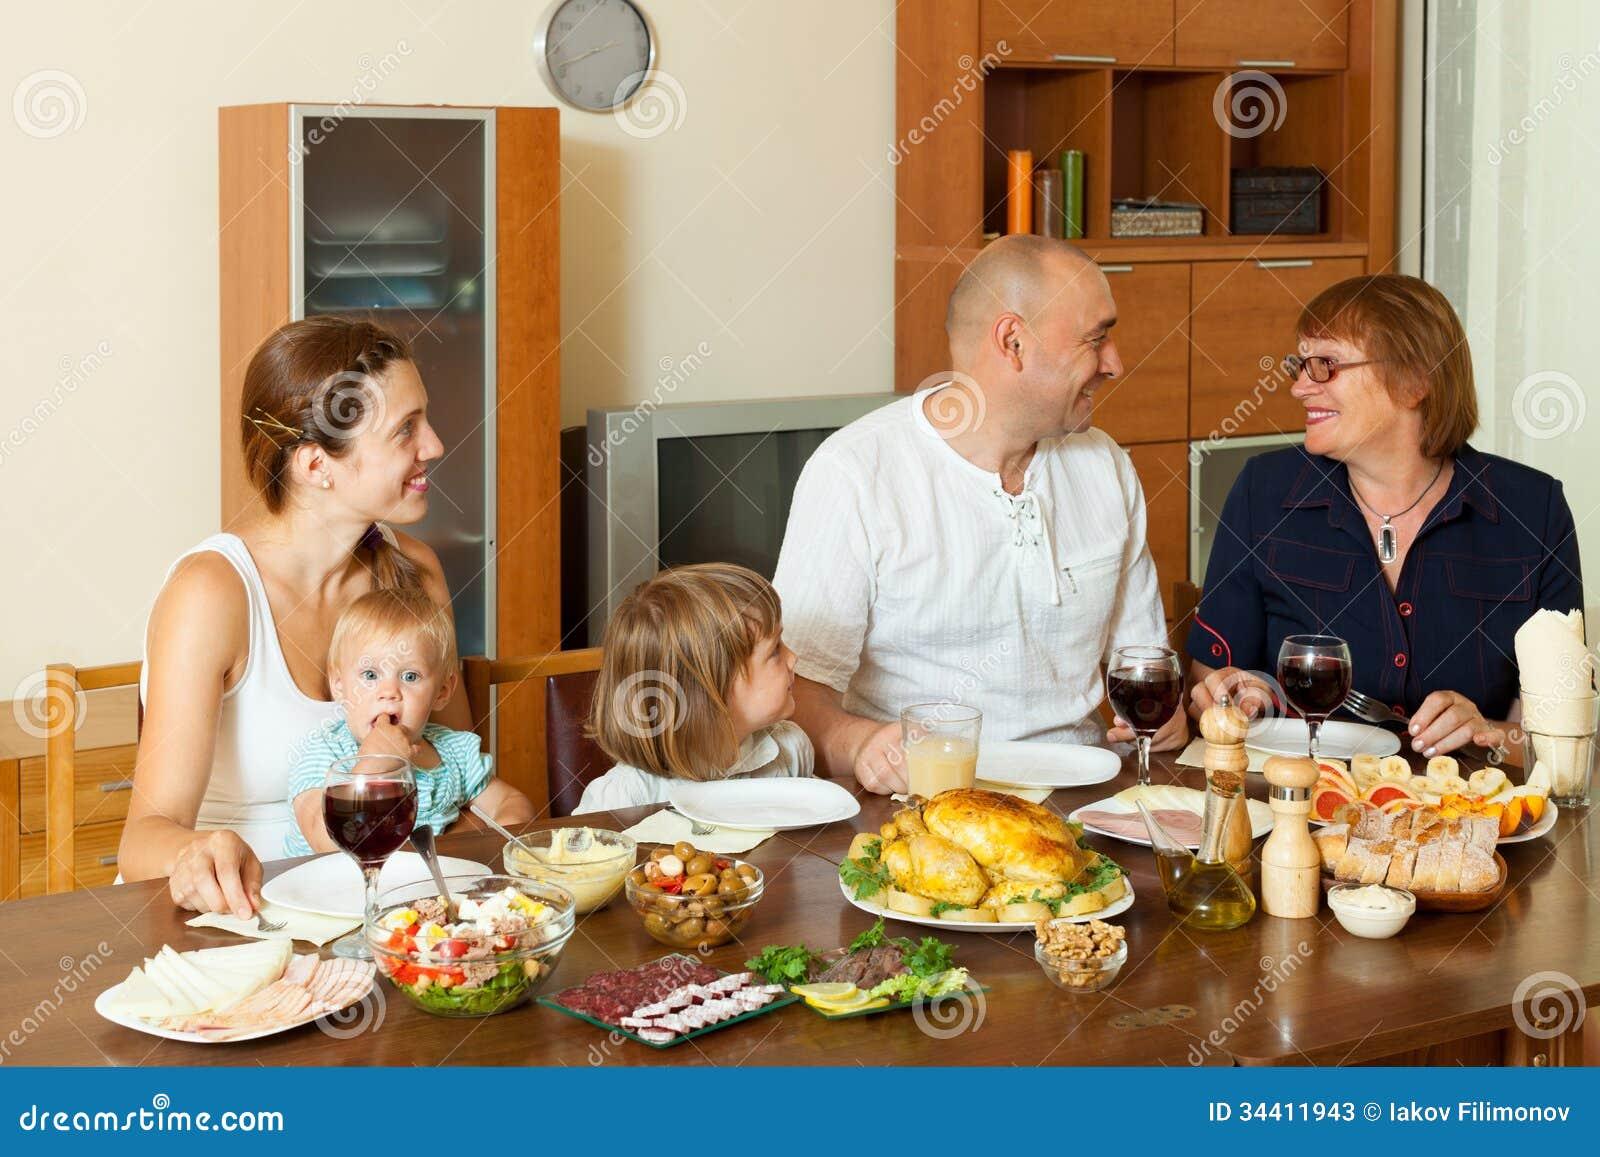 Happy family over dining table stock photos image 34411943 - El comedor de familia ...